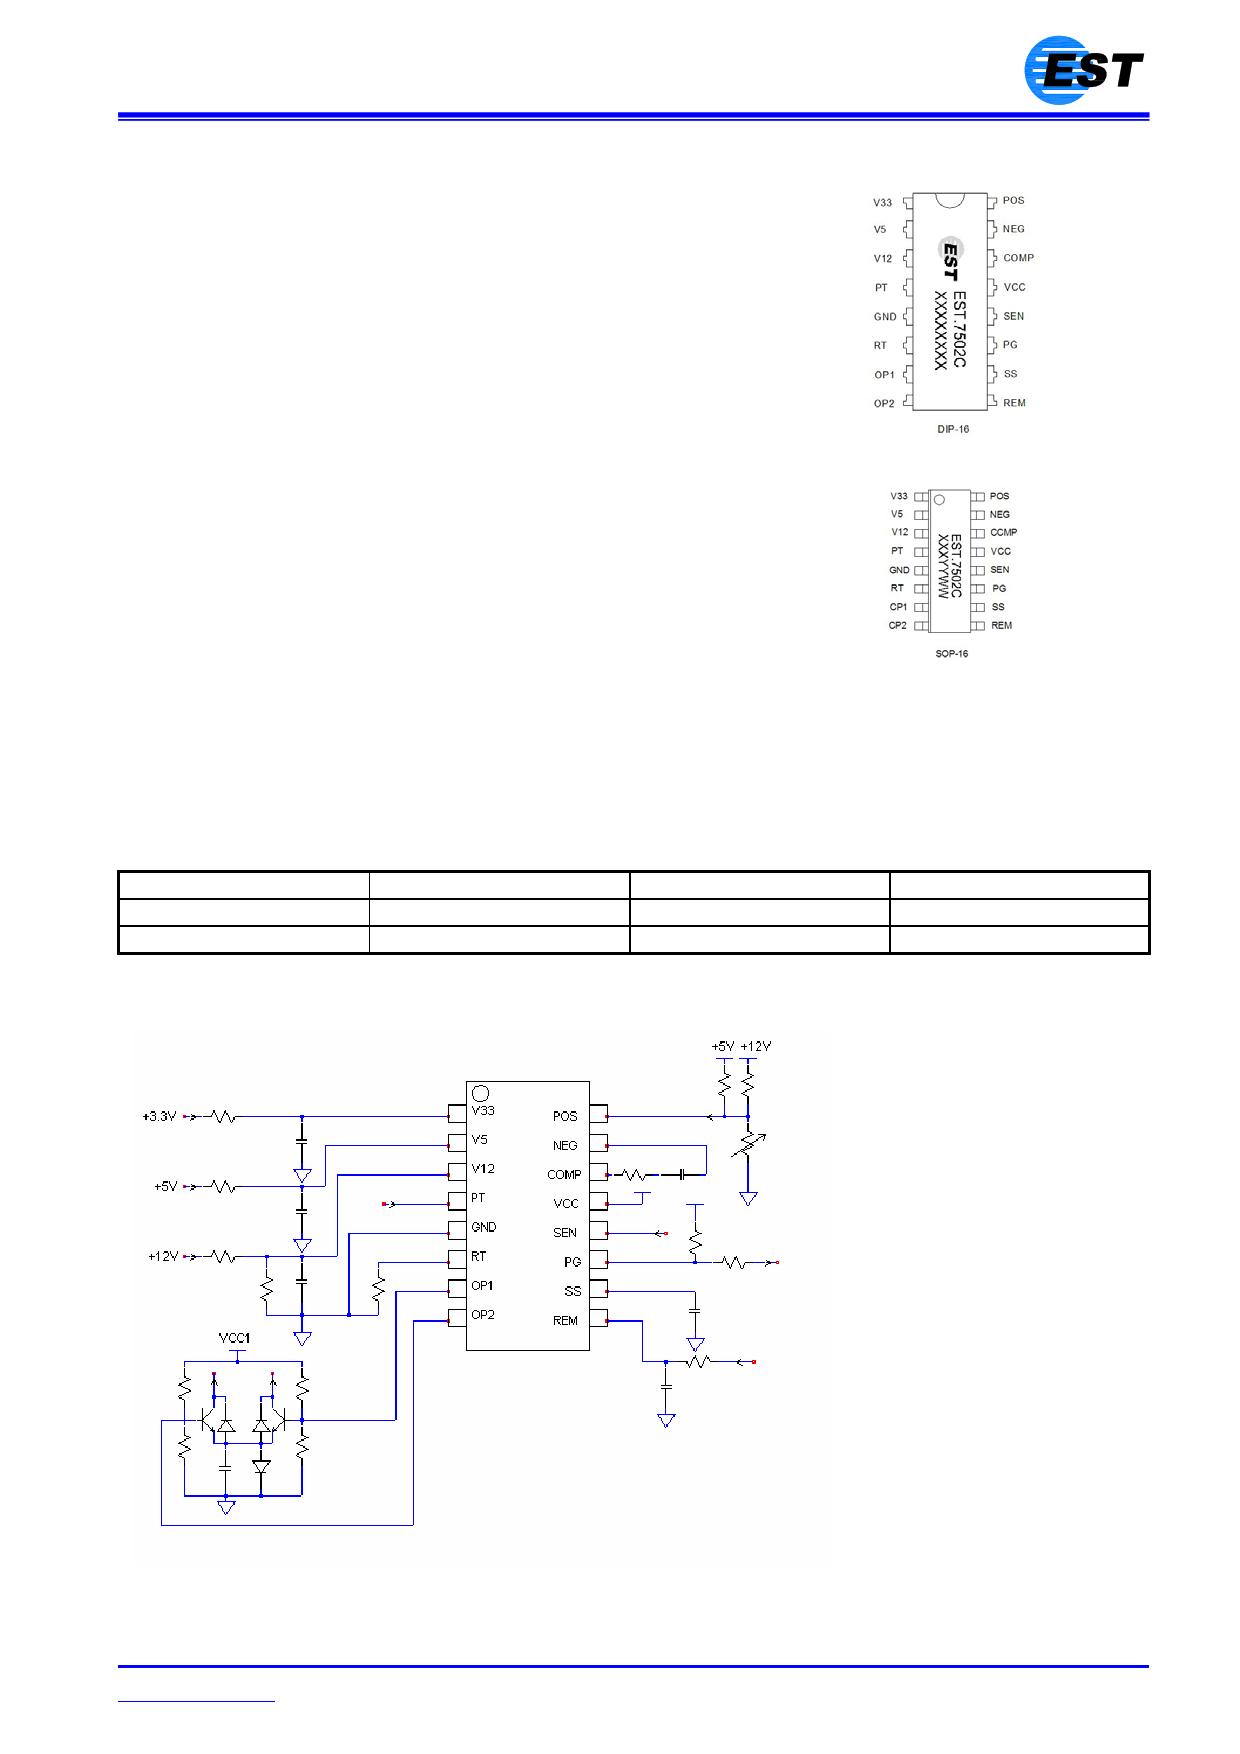 EST7502C image